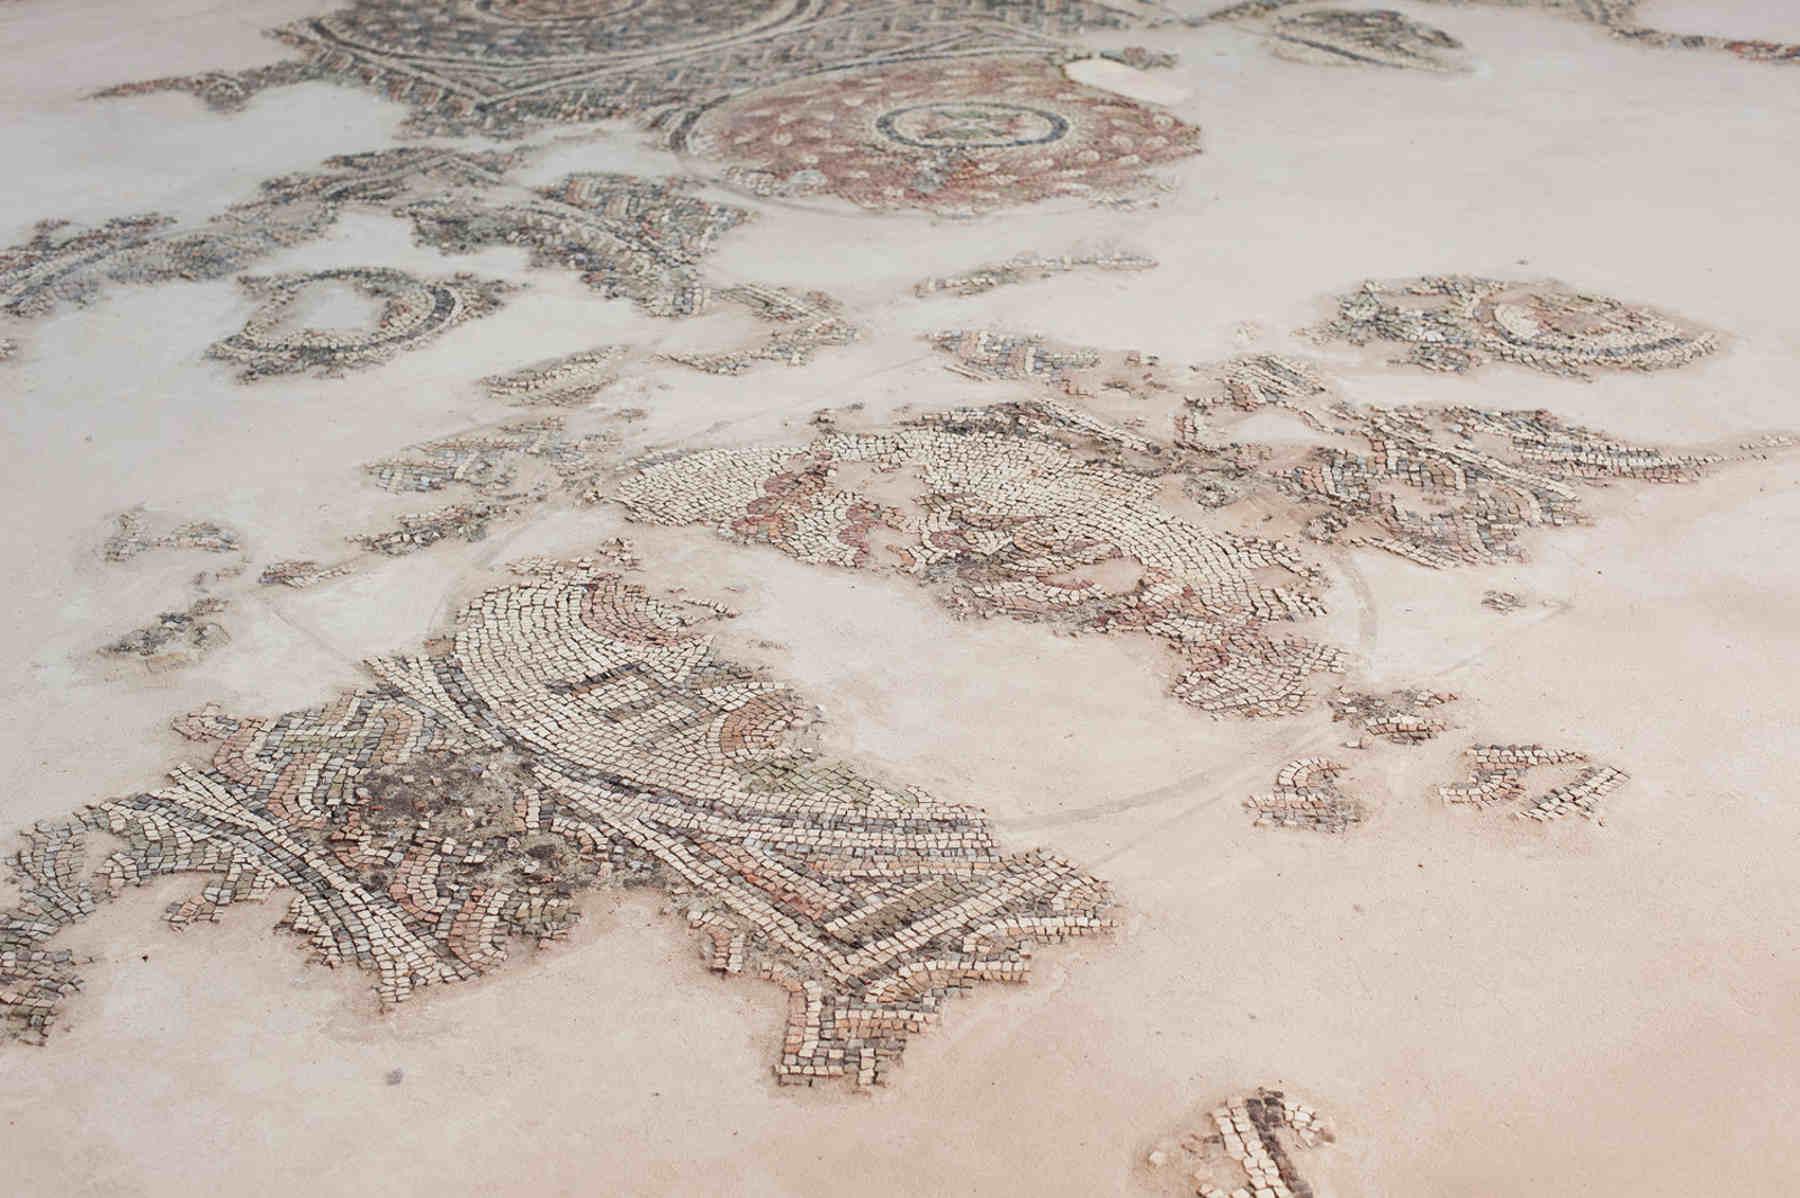 Vacanze sulla Costa ionica di Reggio Calabria Il pavimento a Mosaico ritrovato nel Parco Archeologico di Archeoderi di Bova Marina